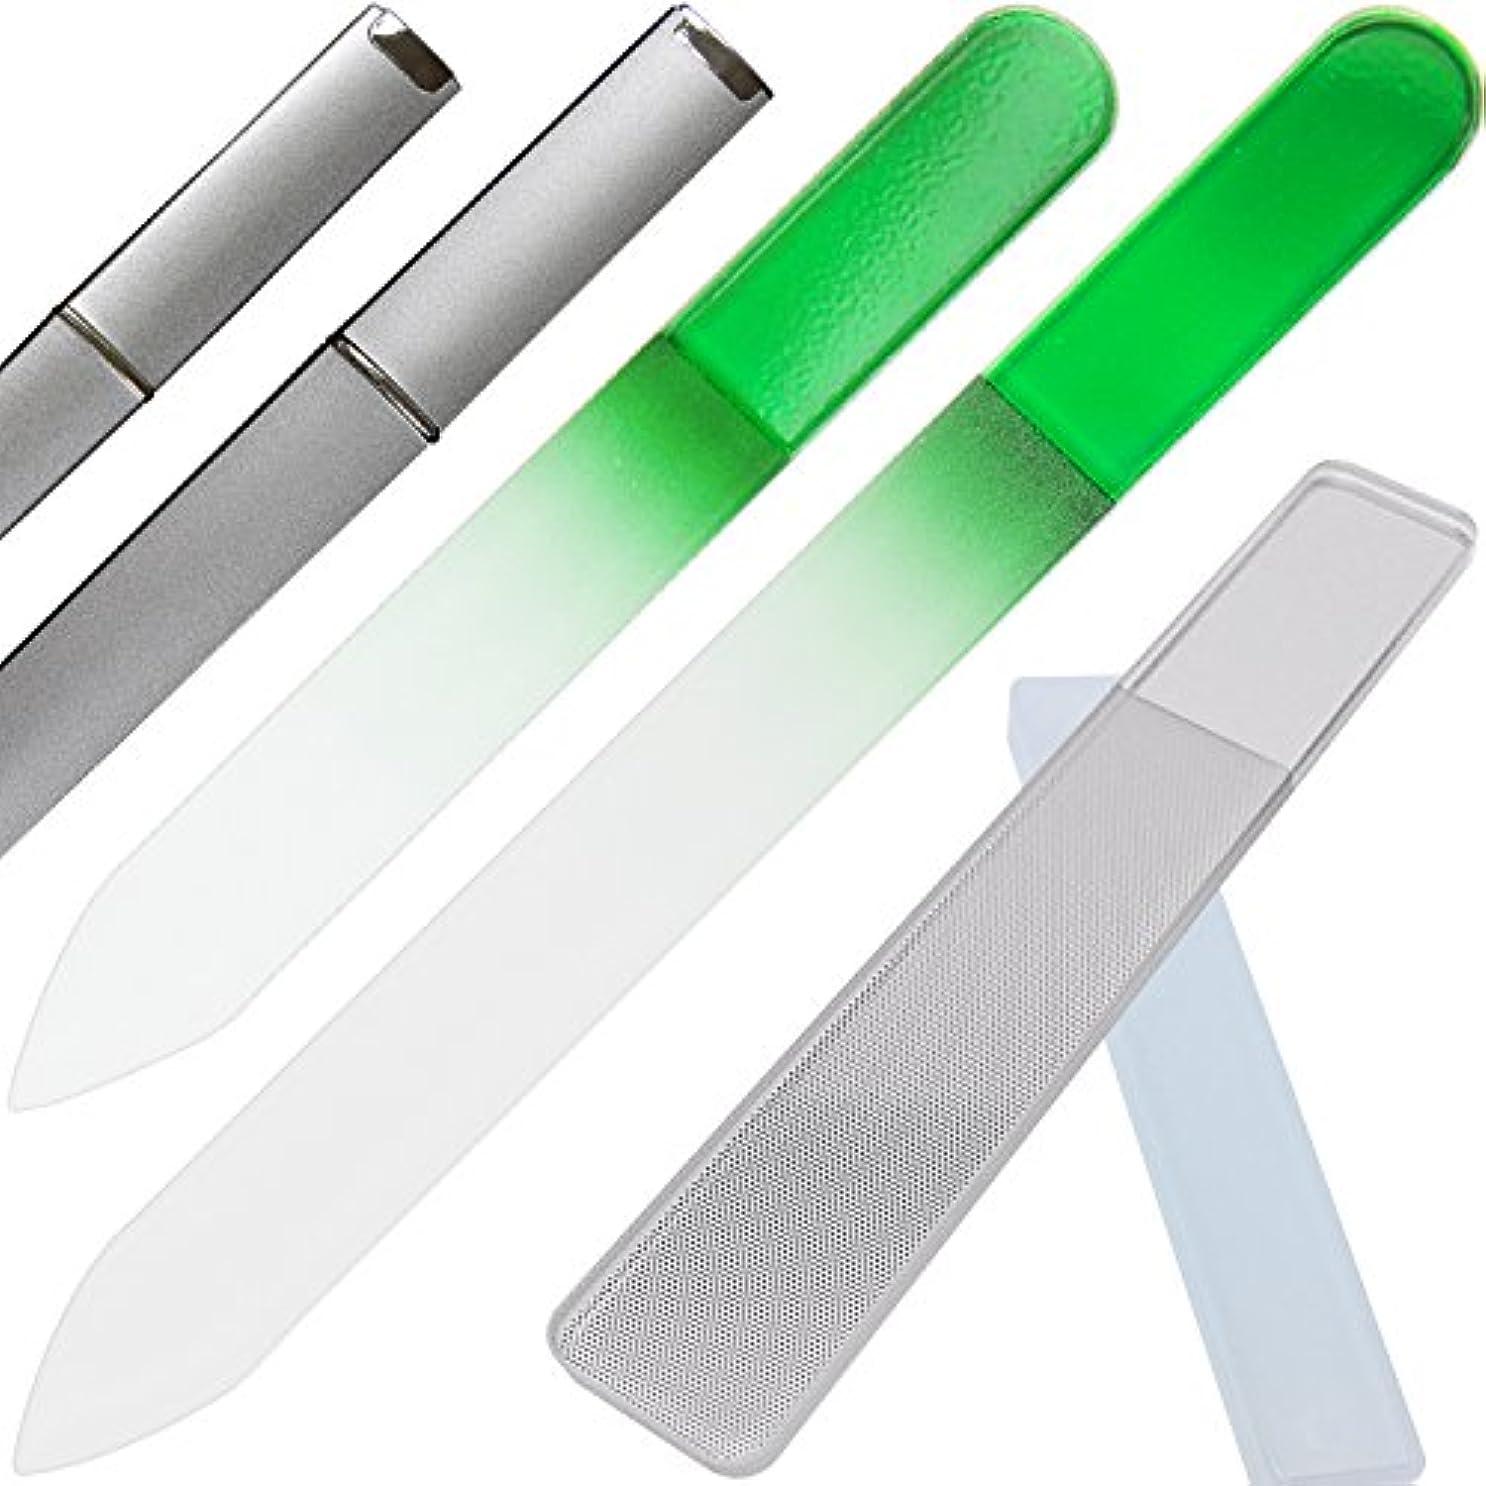 封建くそー急流Clarente 爪やすり 爪磨き ガラス製 専用 ケース付 4点セット ネイル ケア